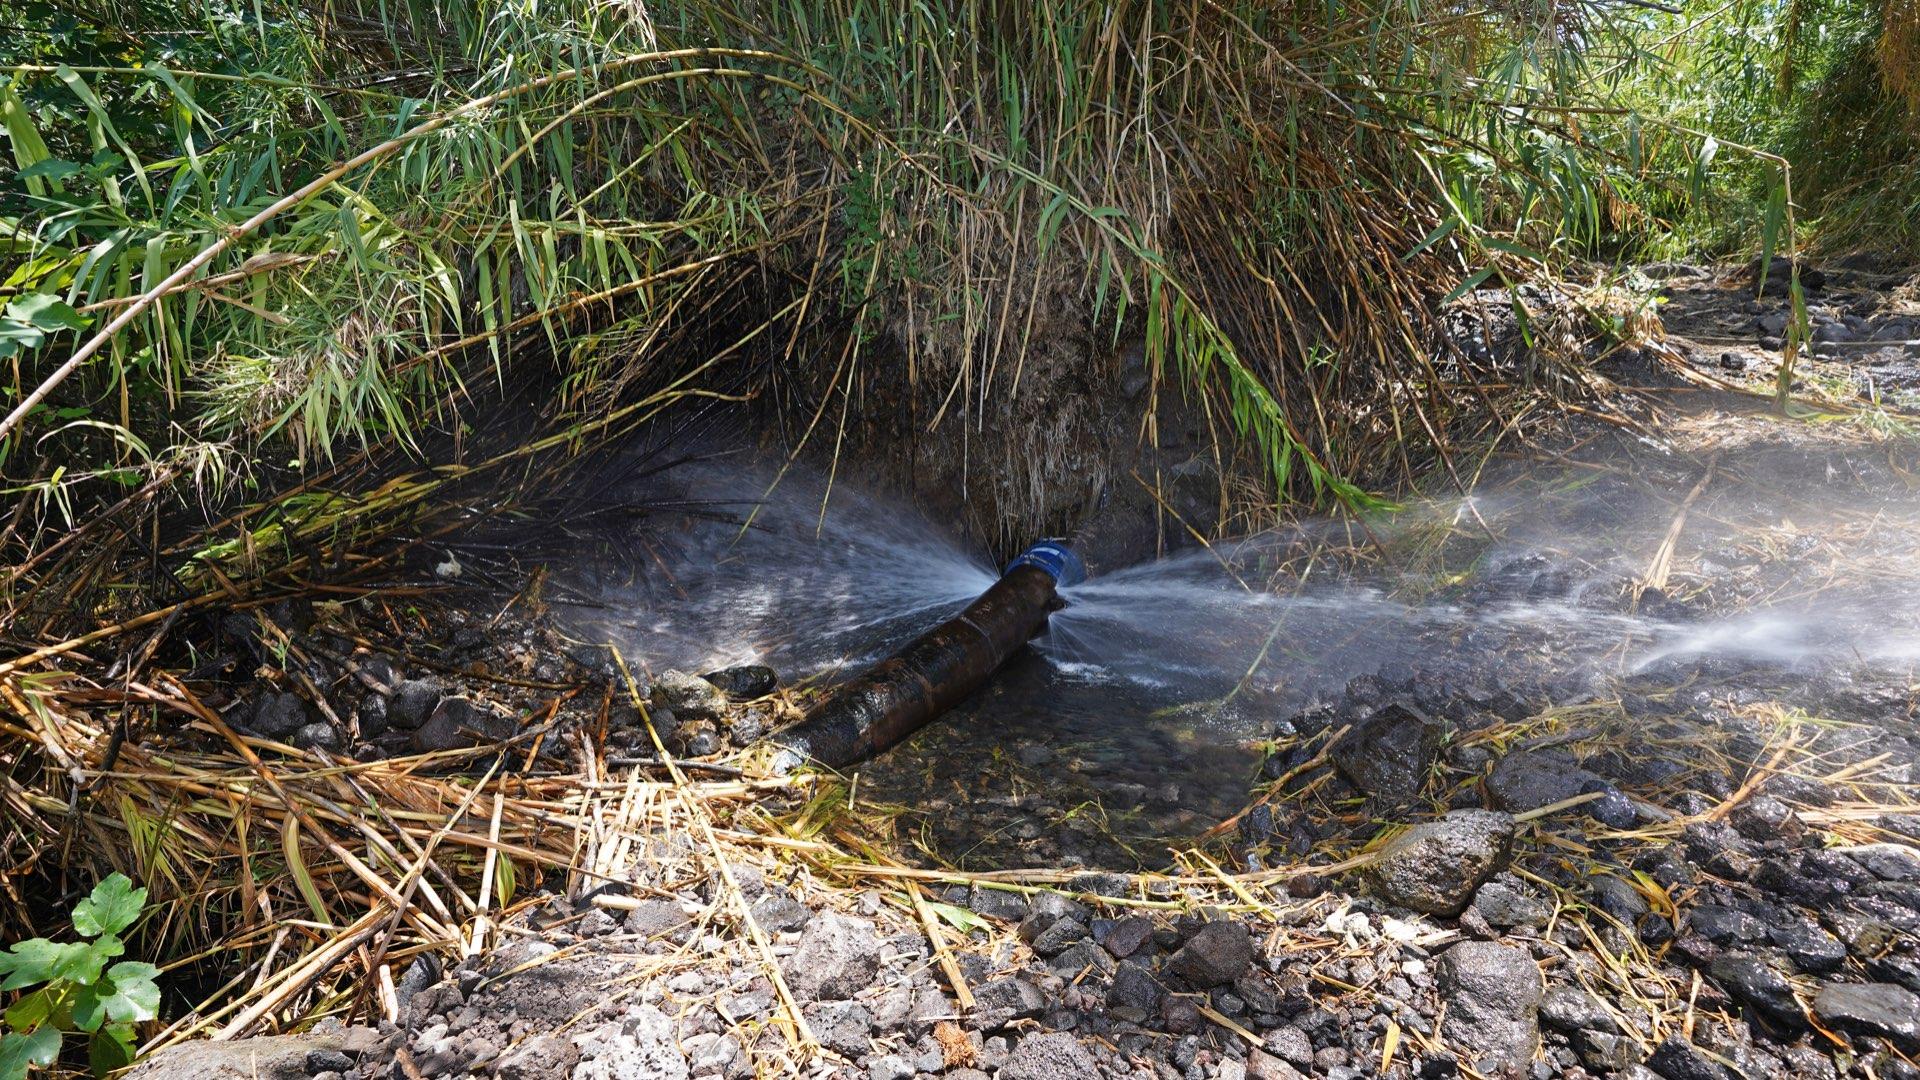 פיצוץ בצינור השקיה בעין דבשה. צילום: יובל דקס